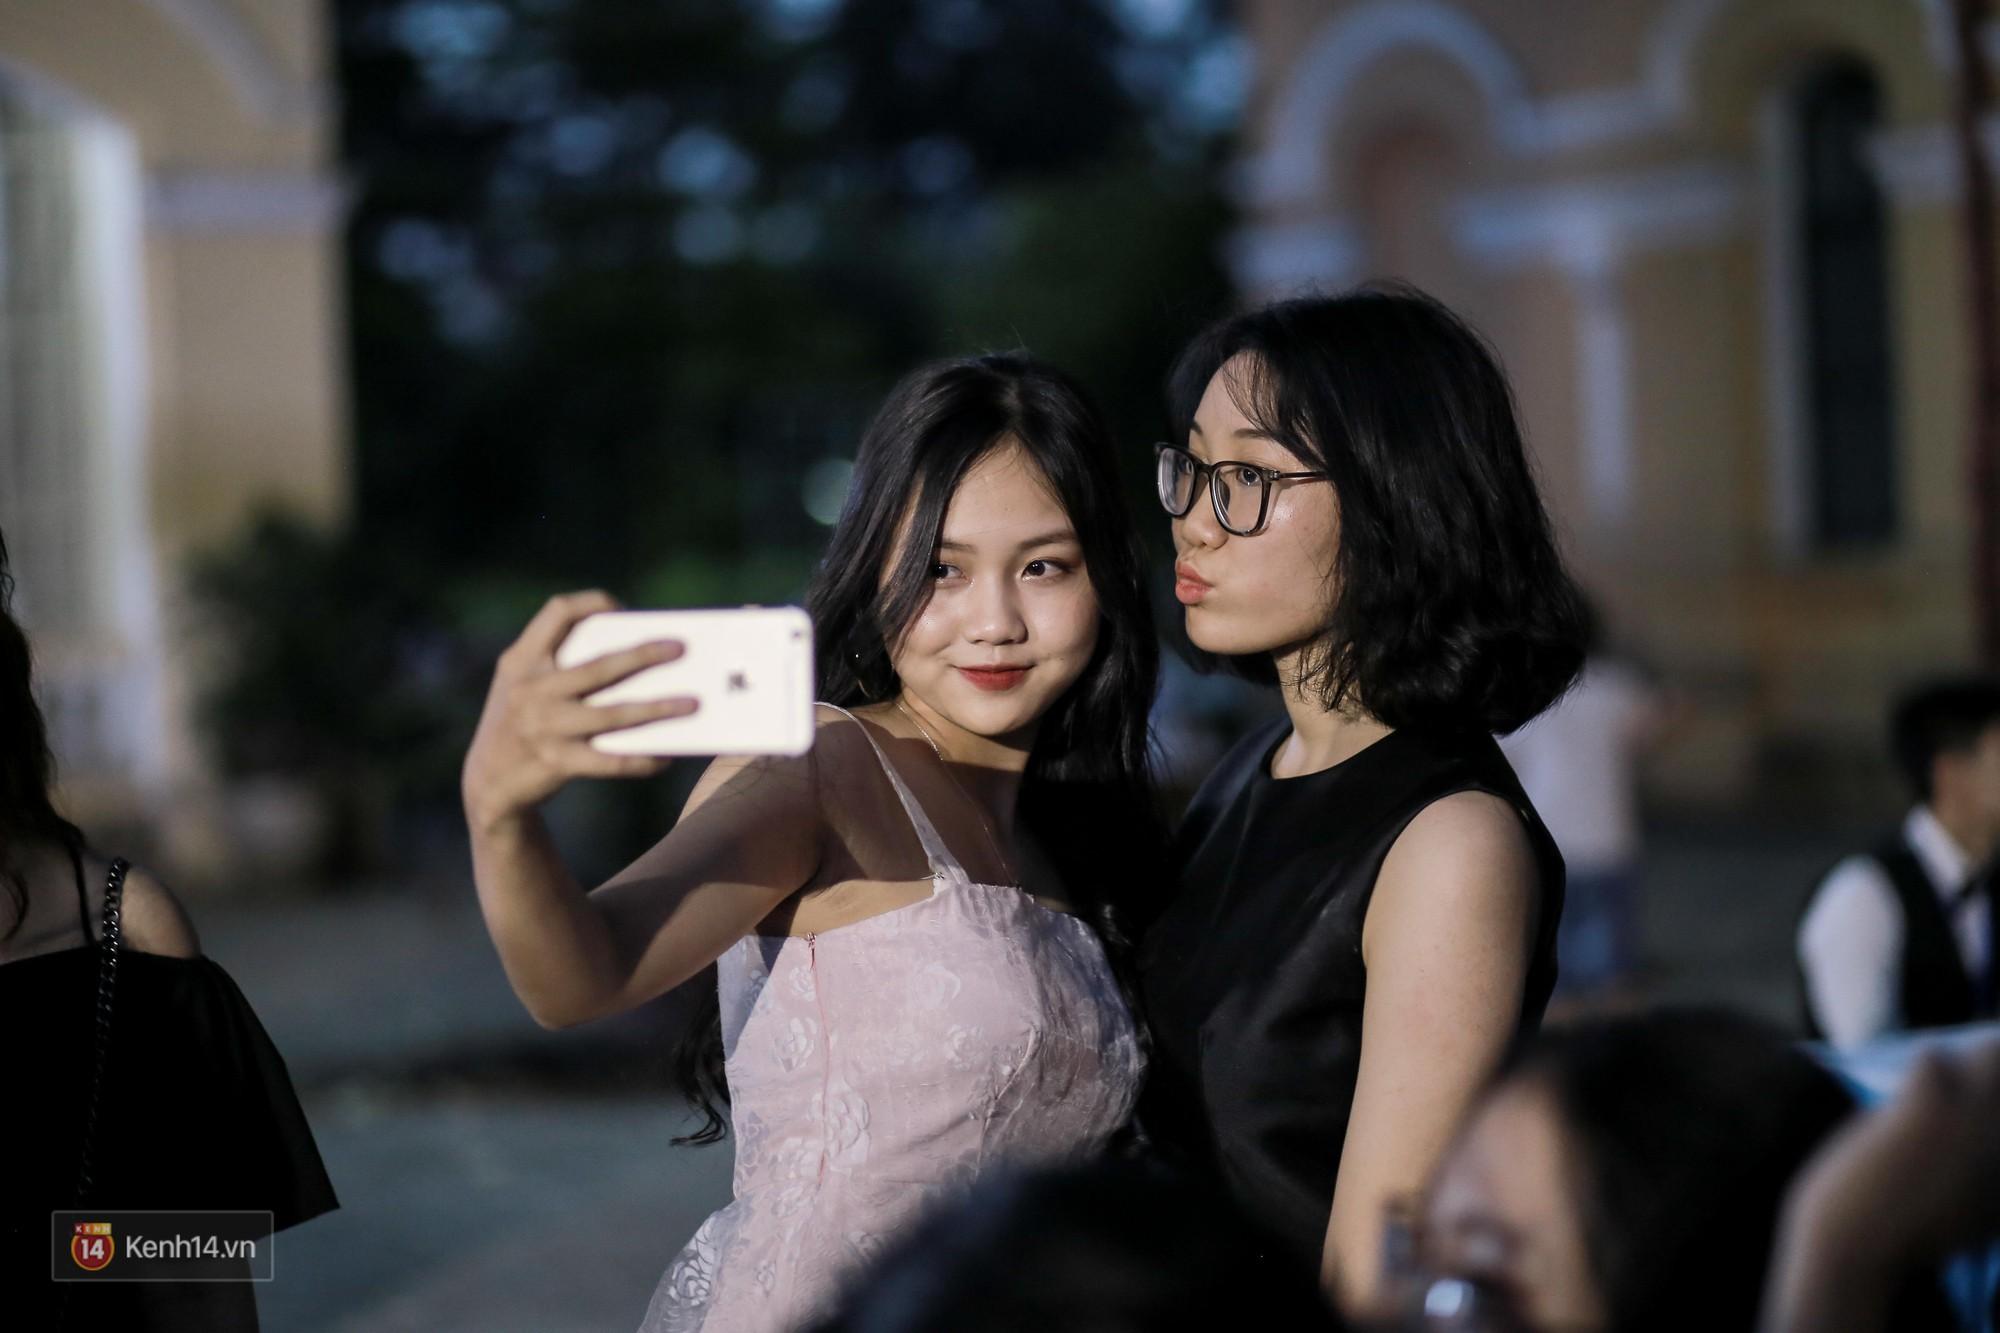 Nữ sinh Chu Văn An xinh ngẩn ngơ trong đêm tri ân/ trưởng thành - Ảnh 6.